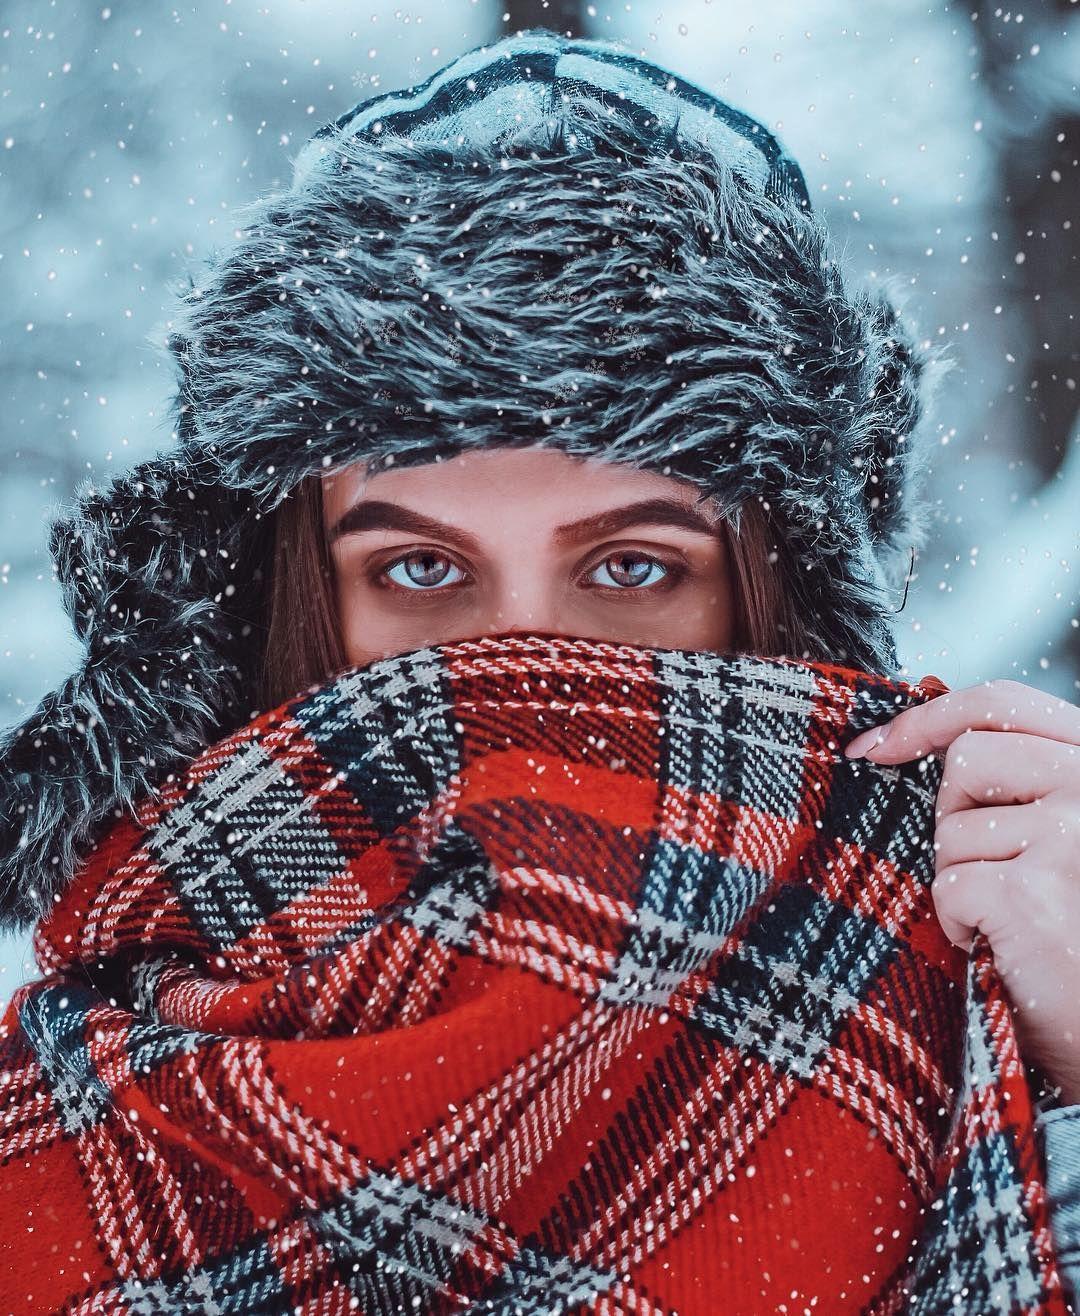 вами очередная как фотографировать зимой со снегом портрет грузовые тепловозы